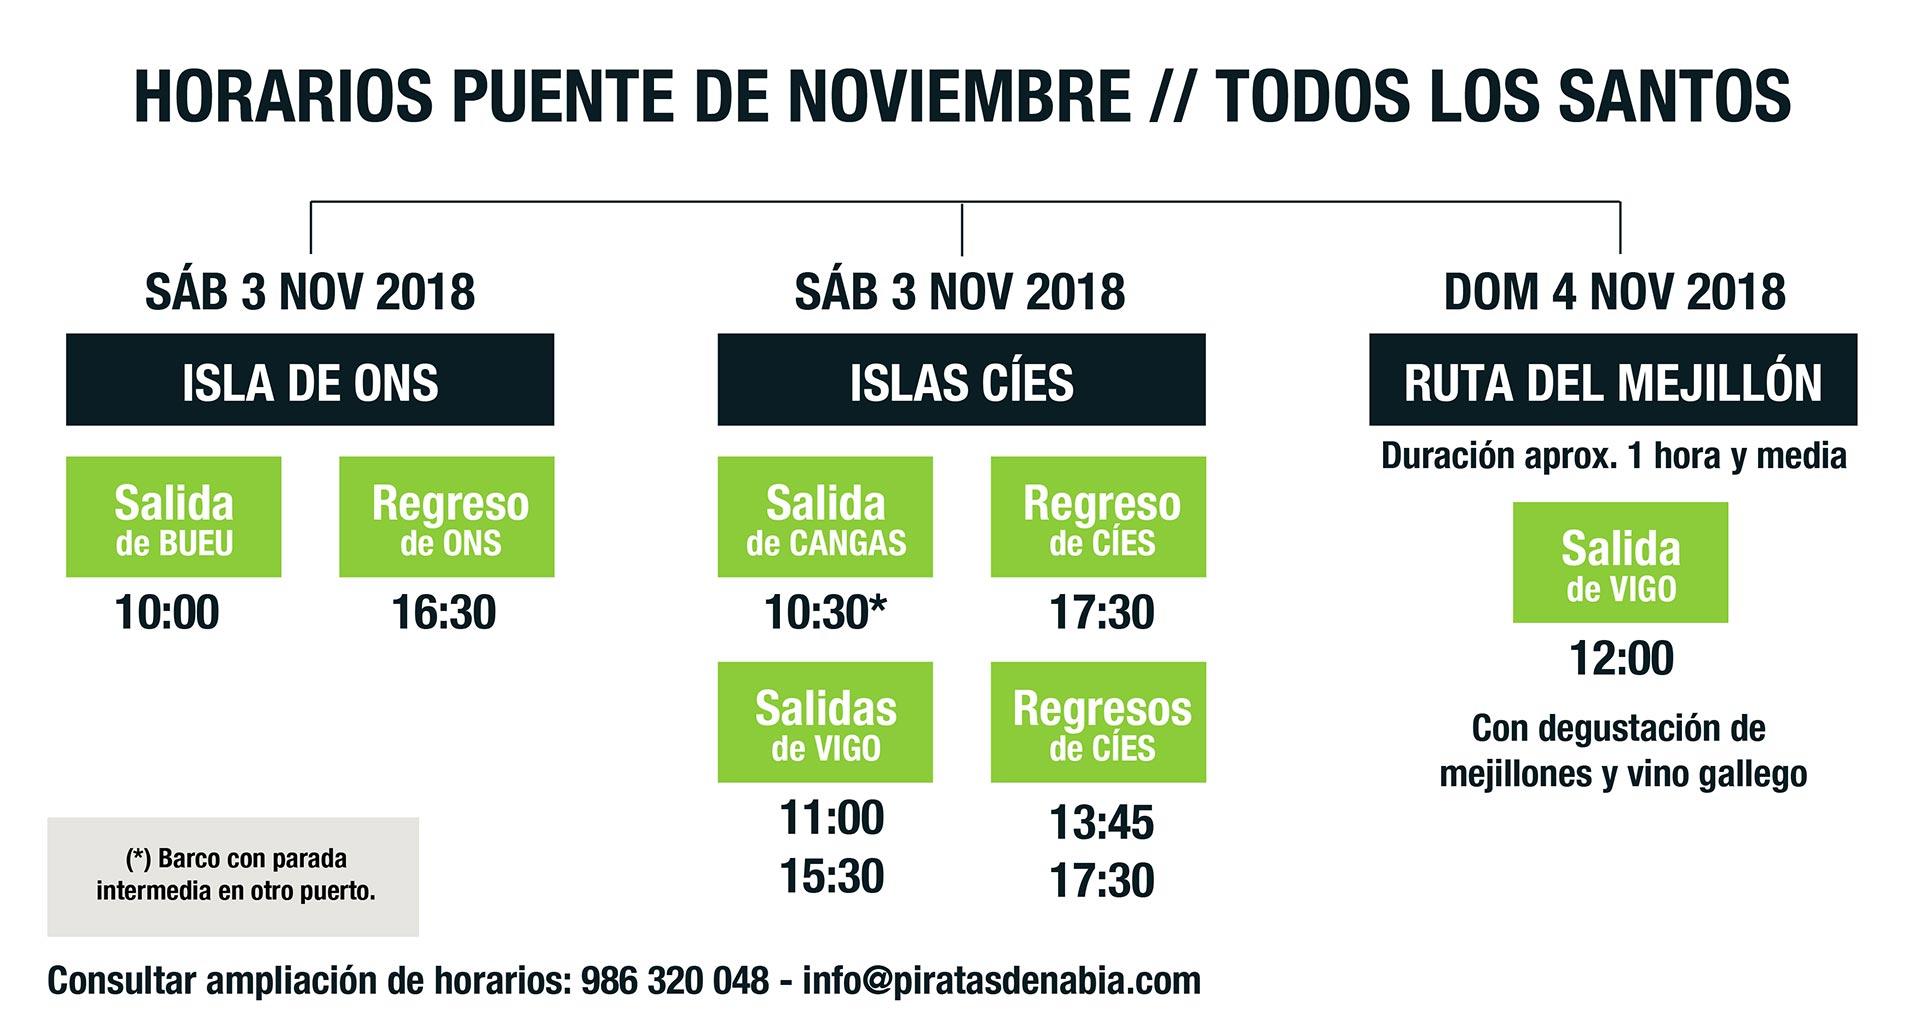 Horarios-Puente-Nov-2018-02